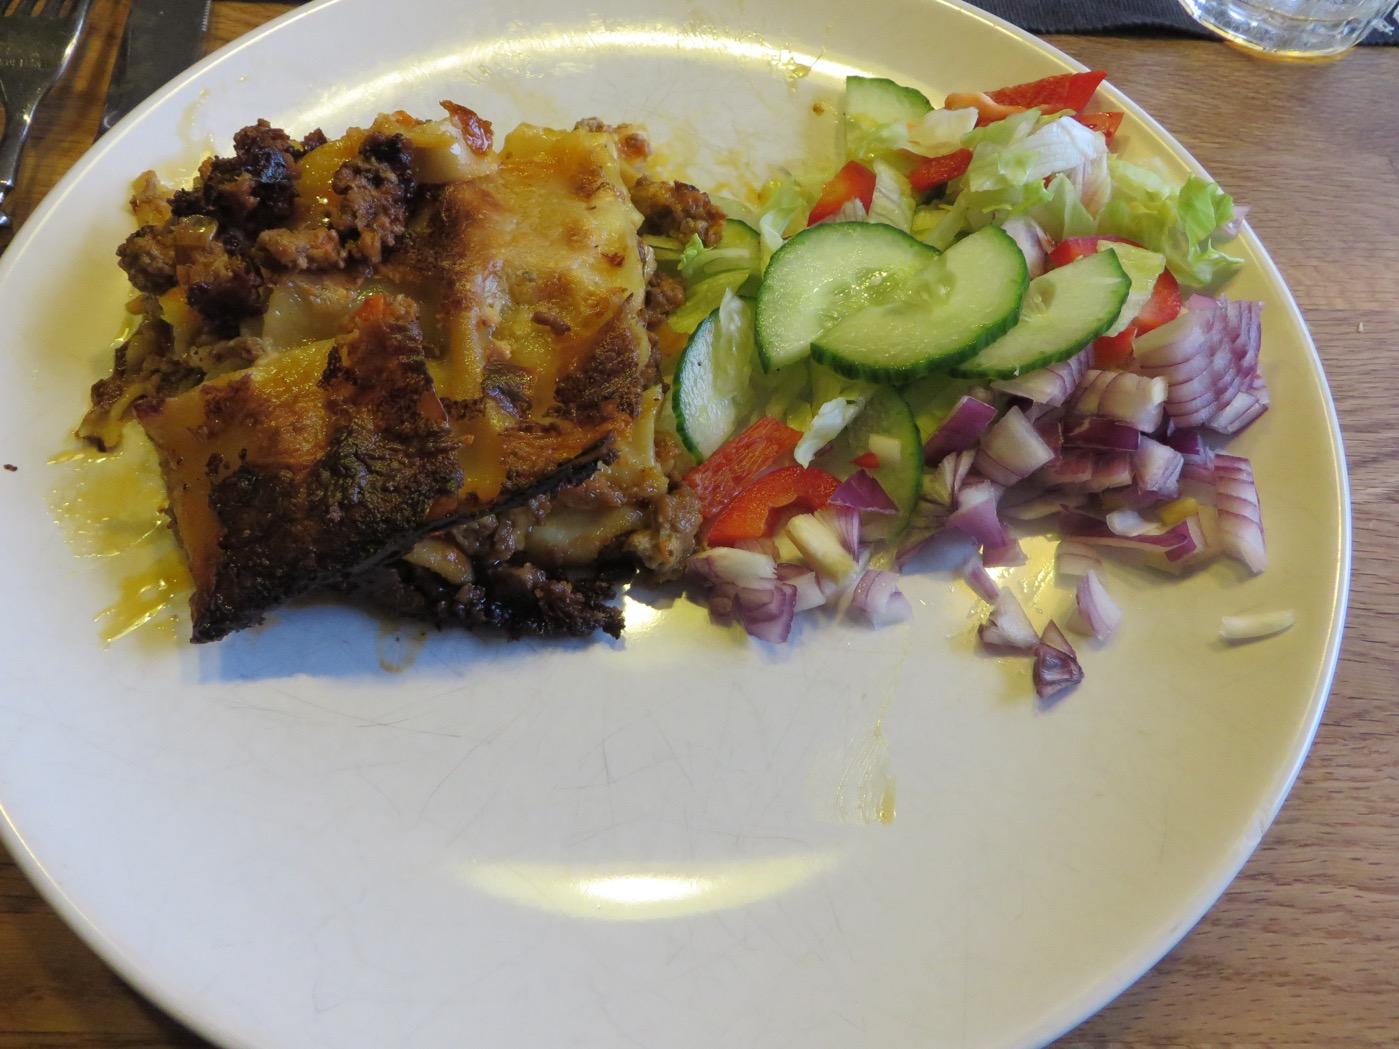 Krämig och god lasagne! Åt två stora bitar - gott!